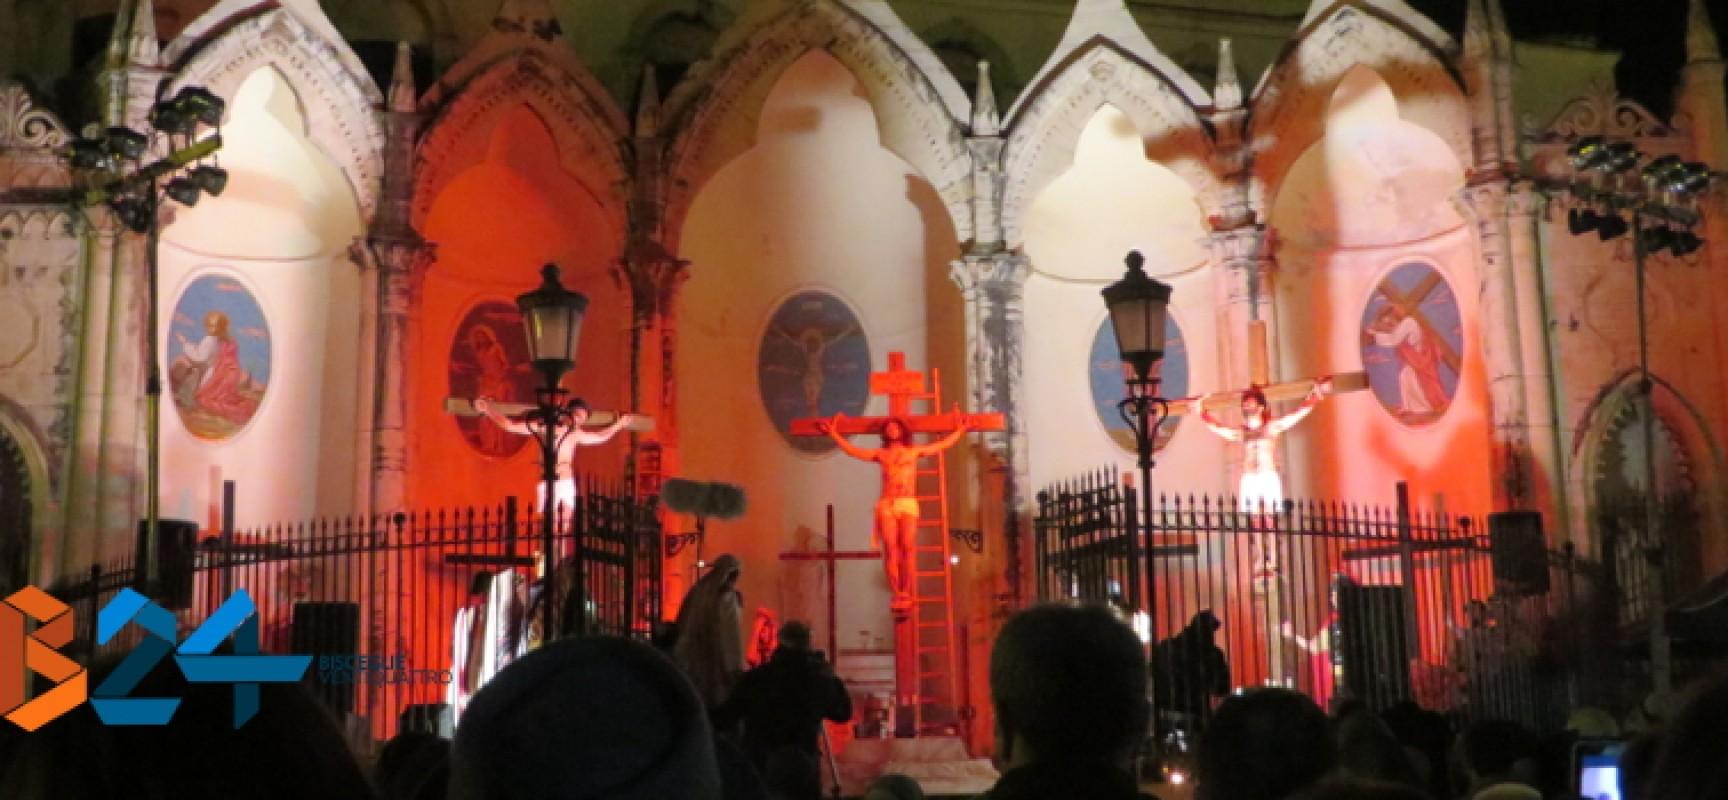 Giunta comunale stanzia contributi ad associazioni per riti Settimana Santa